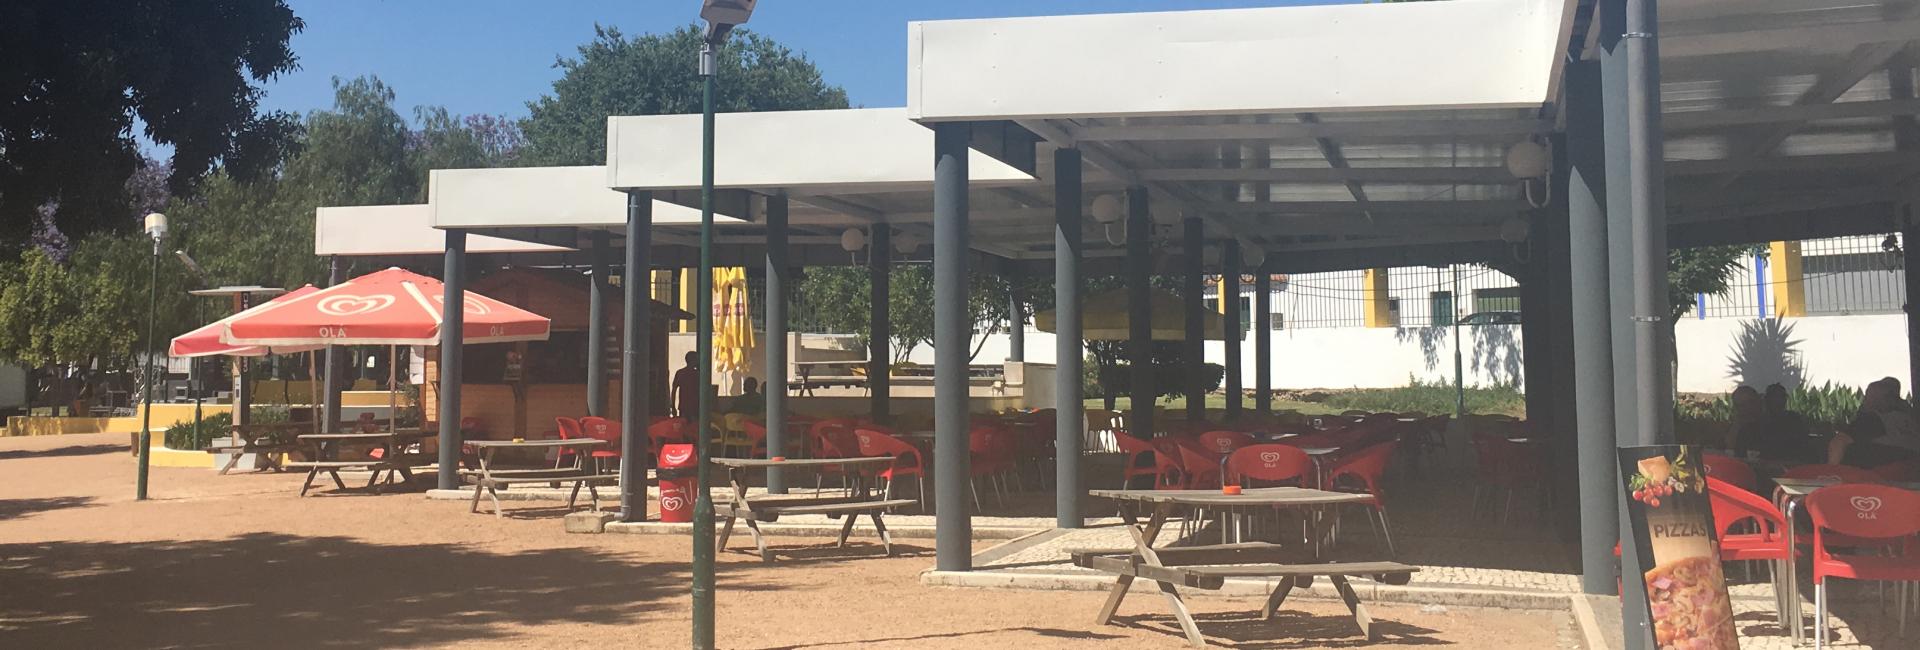 (Português) Jardim Público tem espaço melhorado